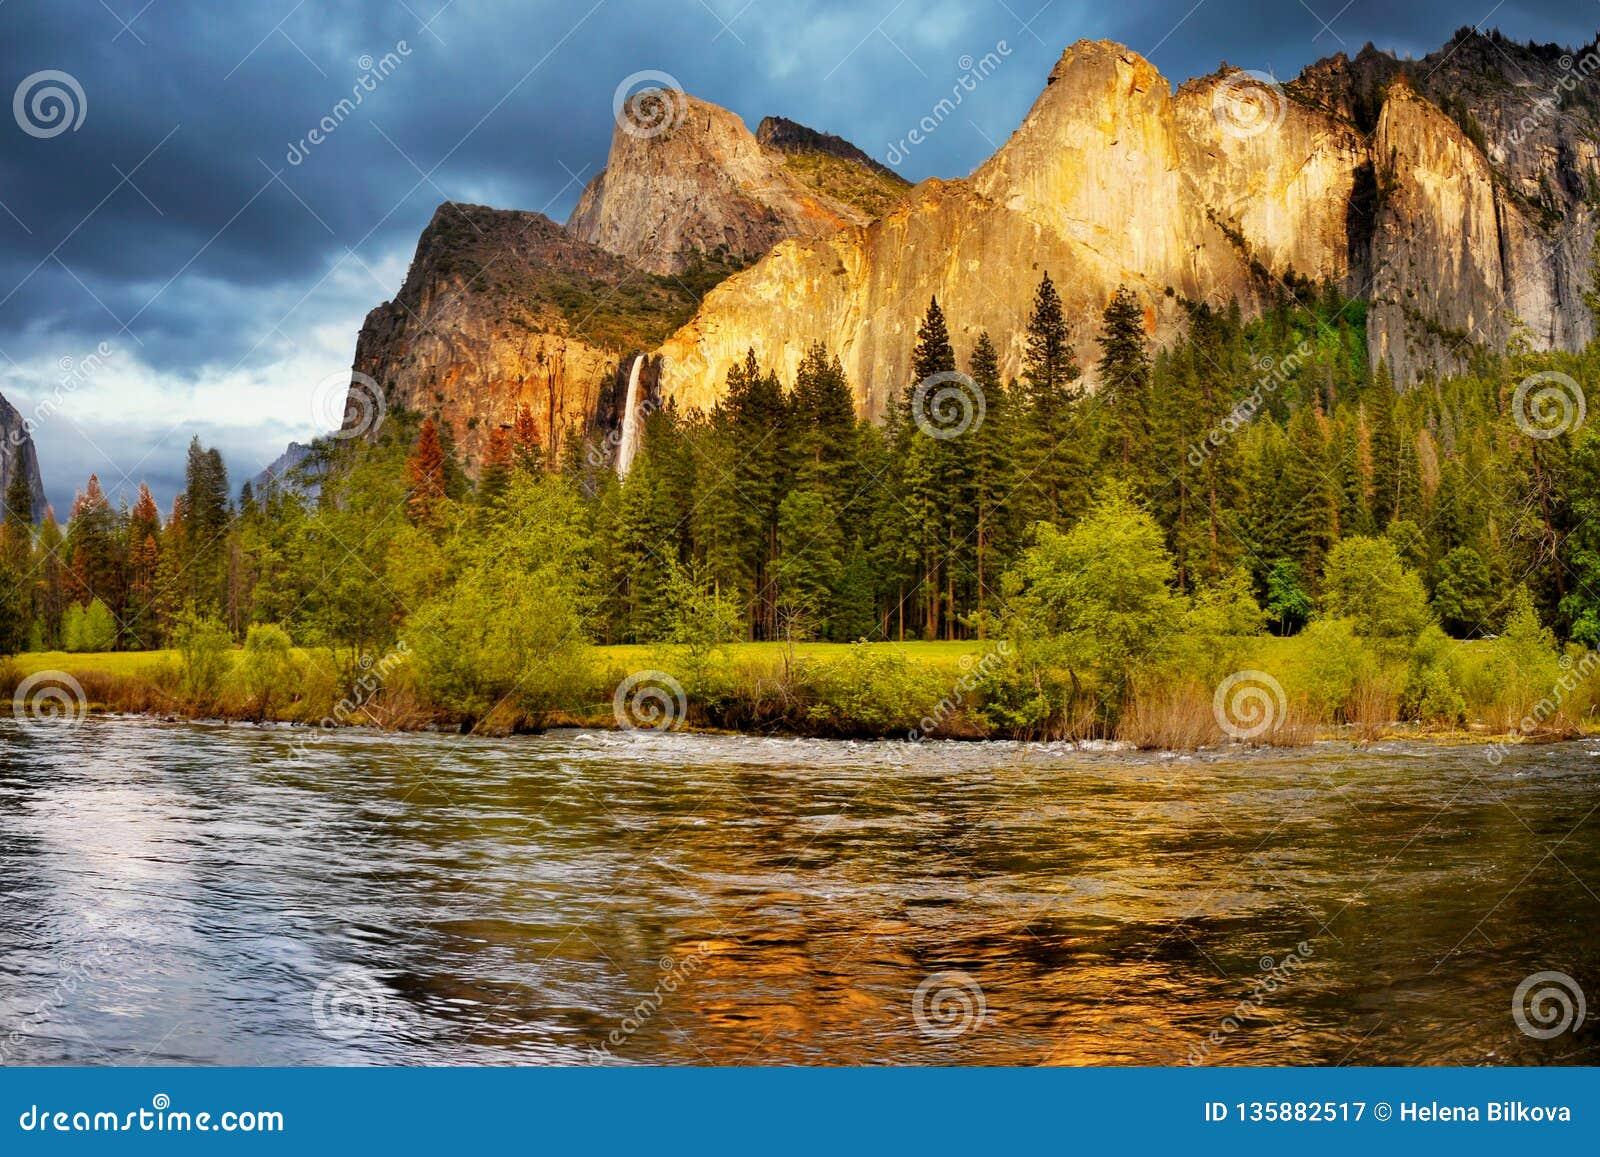 Caídas de las montañas del valle de Yosemite, parques nacionales de los E.E.U.U.